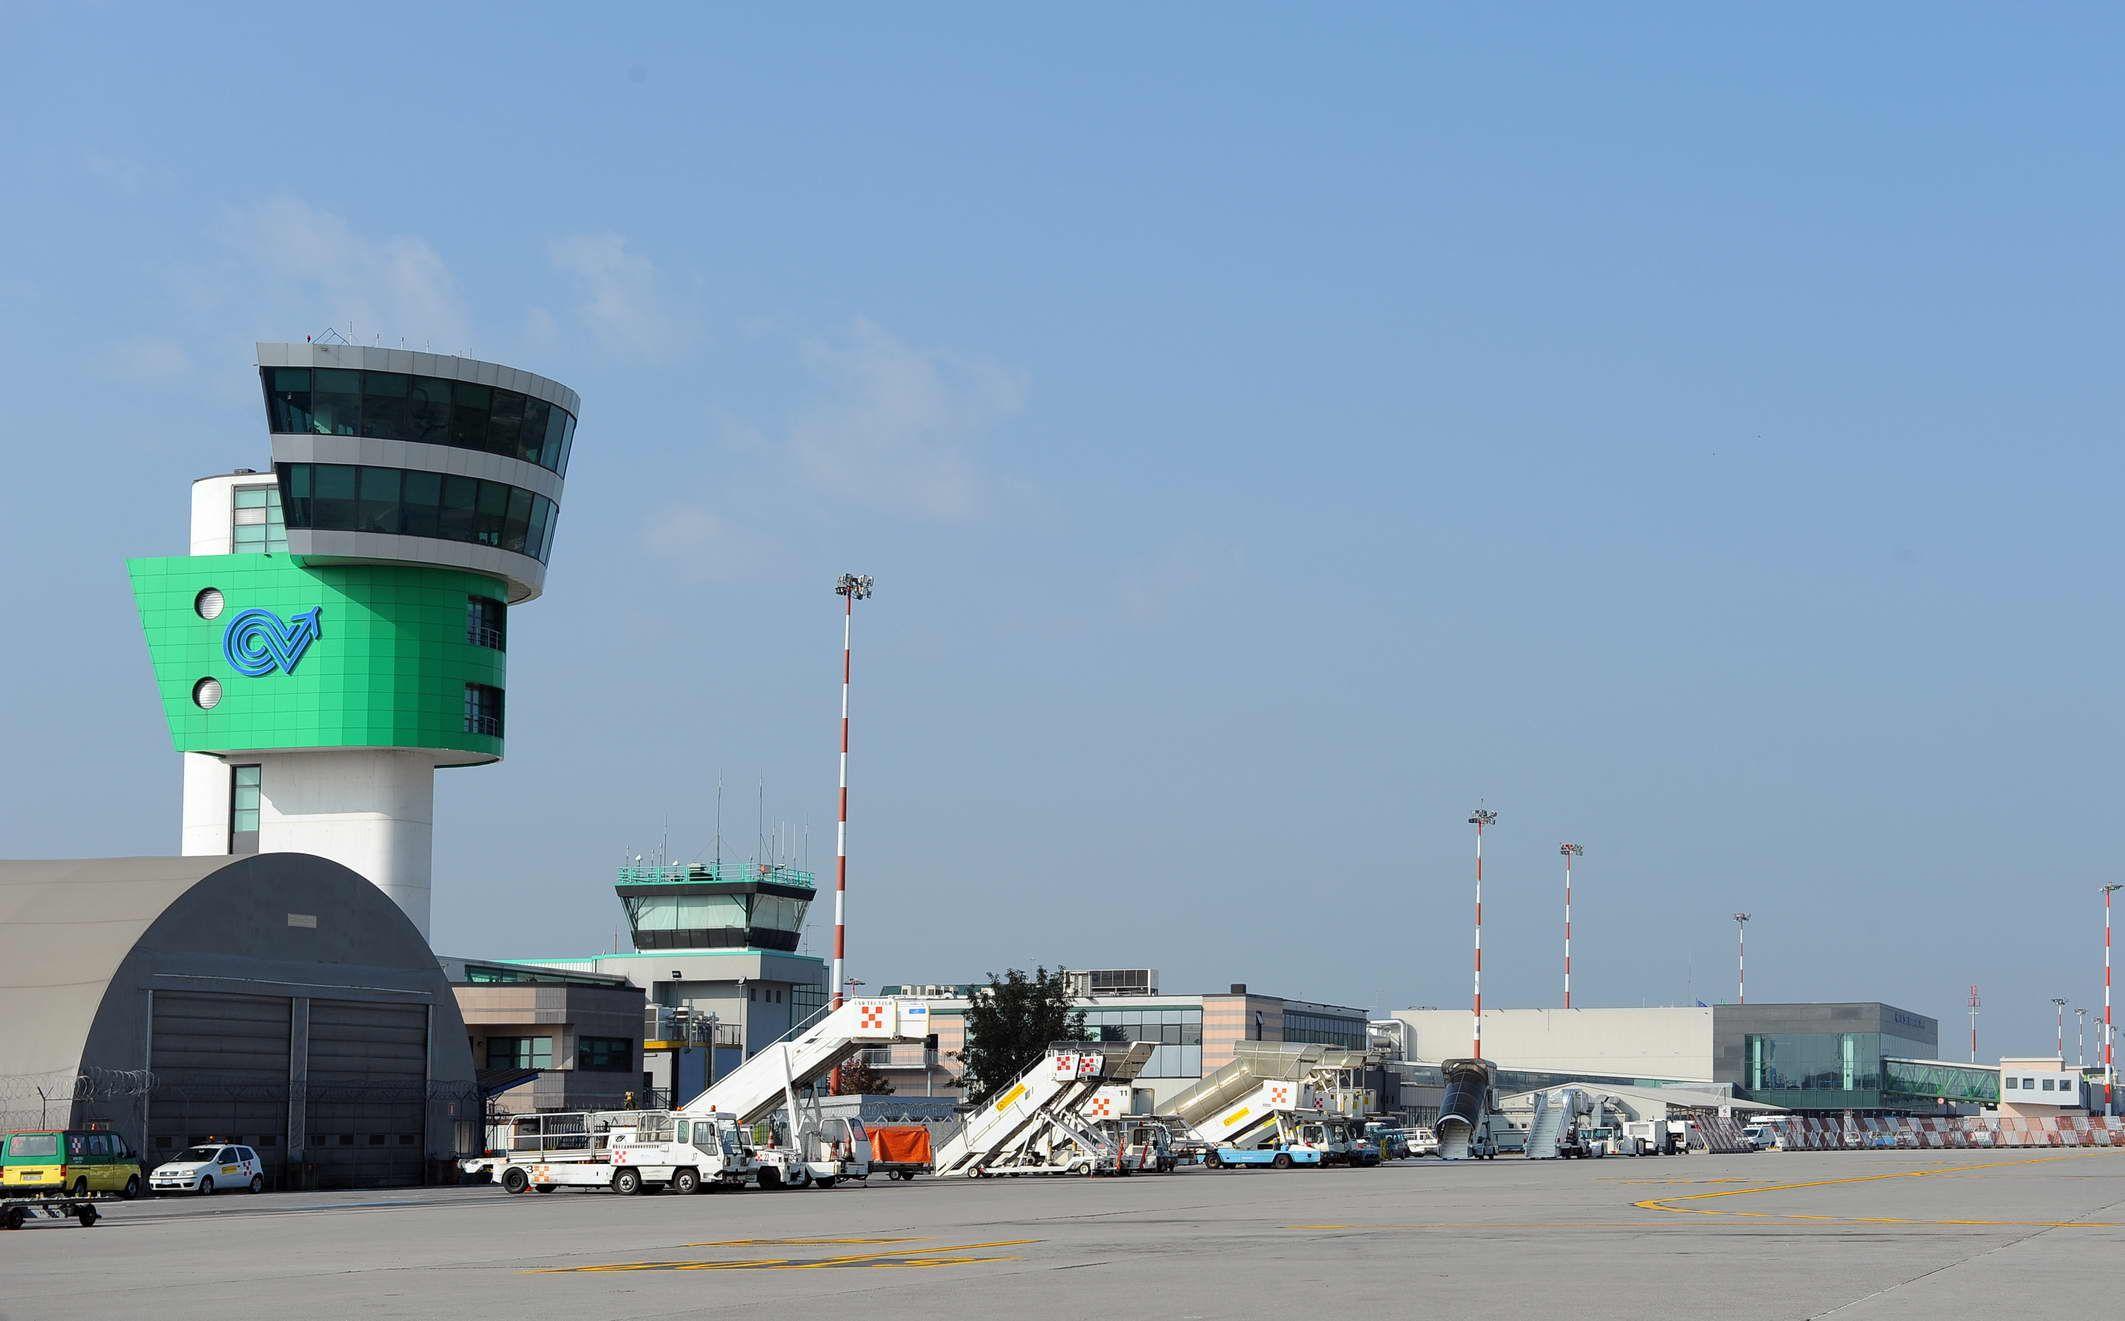 Aeroporto Orio Al Serio : L aeroporto orio al serio di bergamo italia foto immagine stock